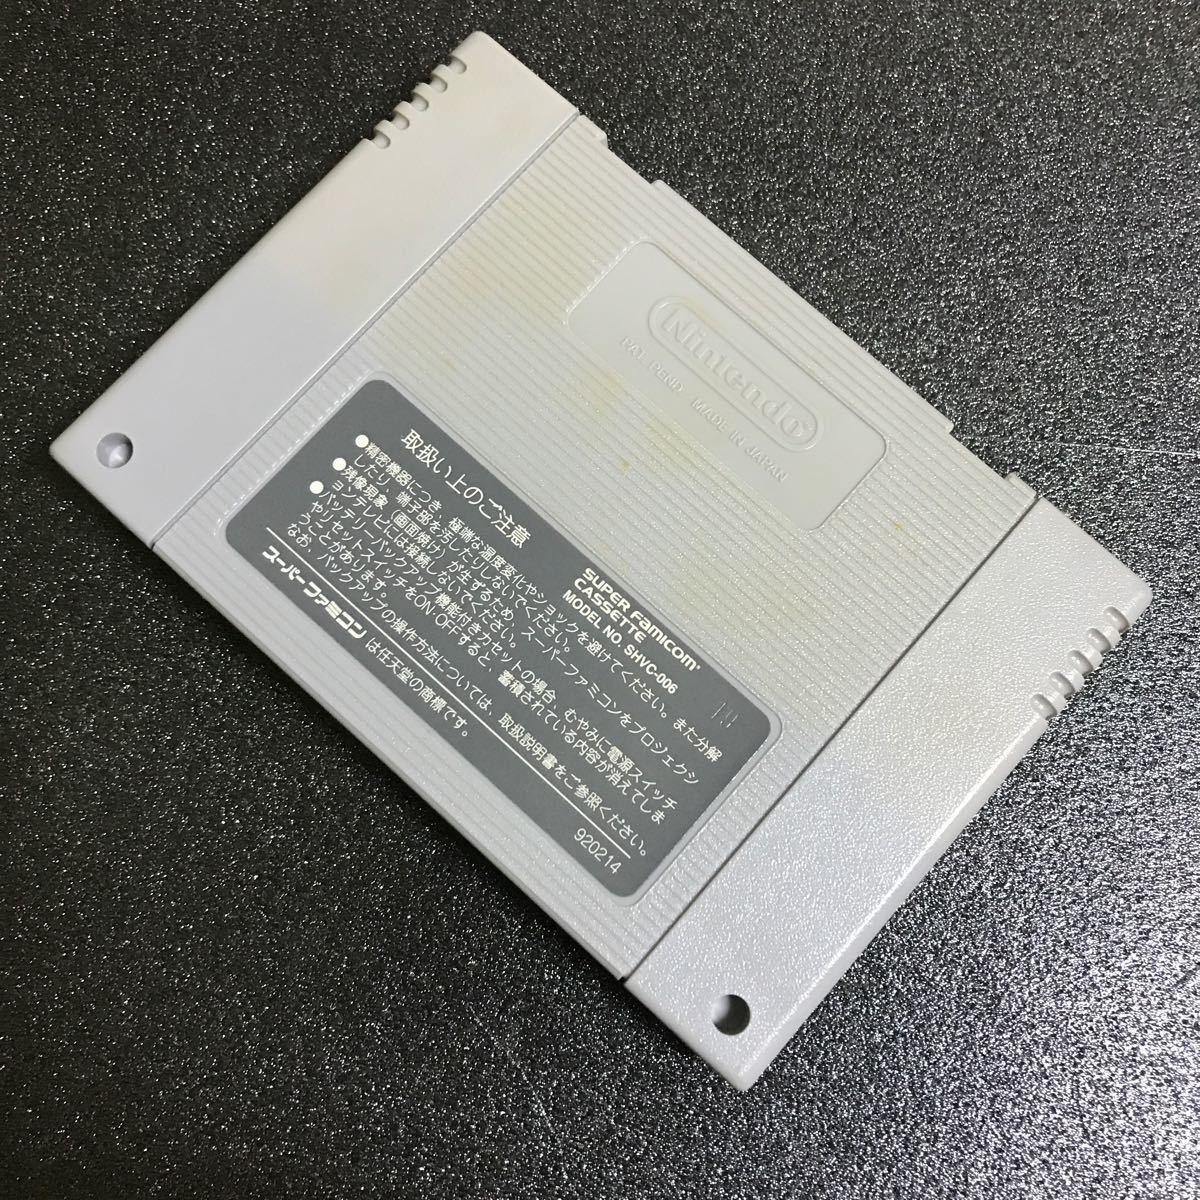 ストリートファイター2ターボ 日本正規品  スーパーファミコン